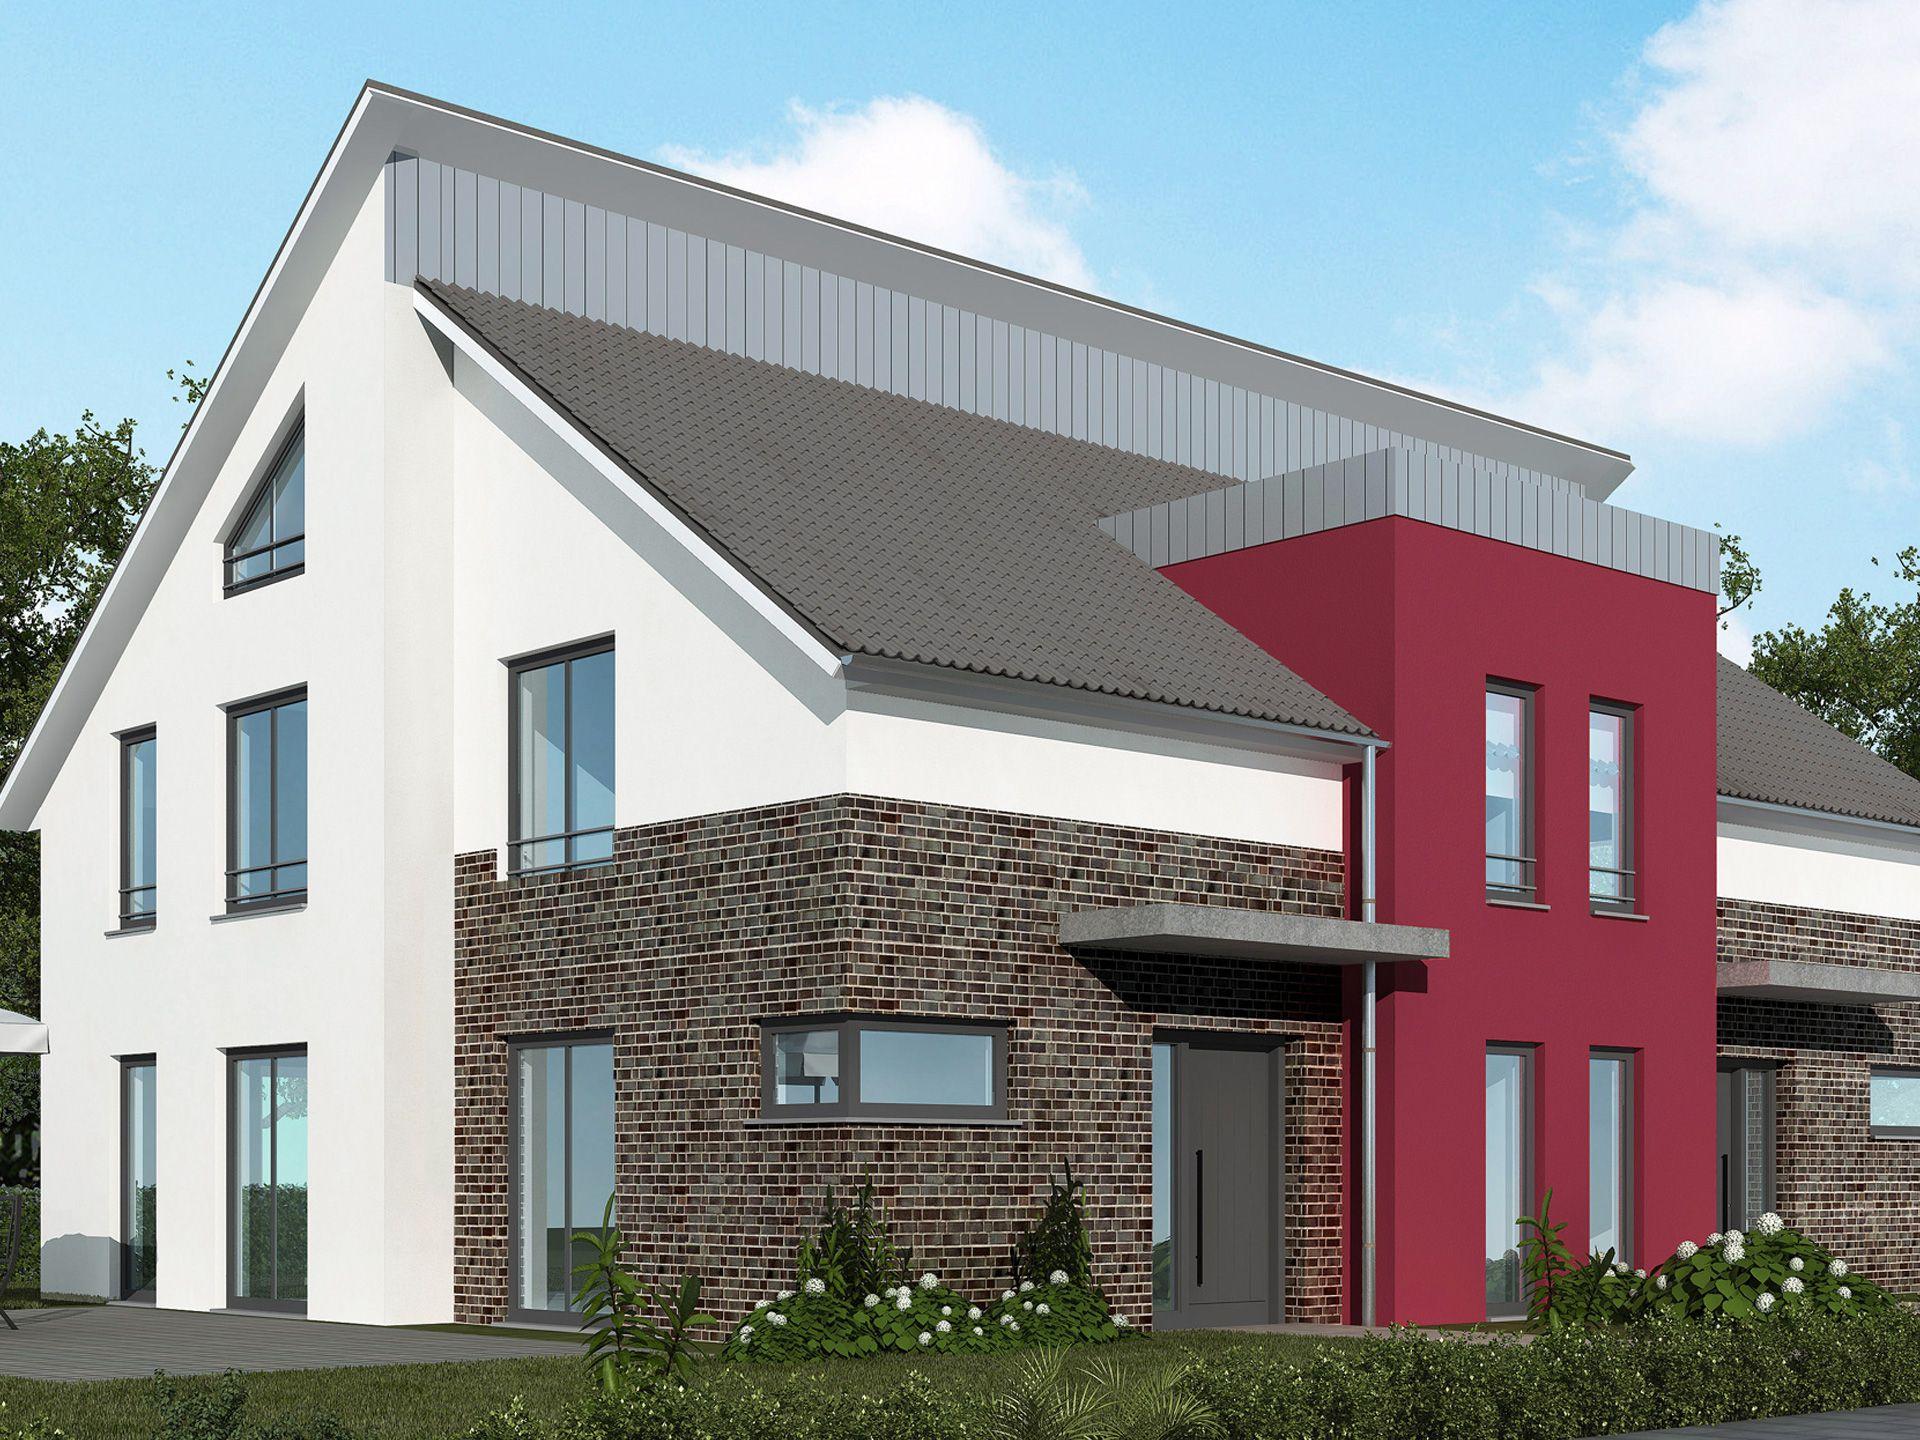 doppelhaus 120 m doppelhaus von baudirekt individuell planbares massivhaus mit pultdach. Black Bedroom Furniture Sets. Home Design Ideas